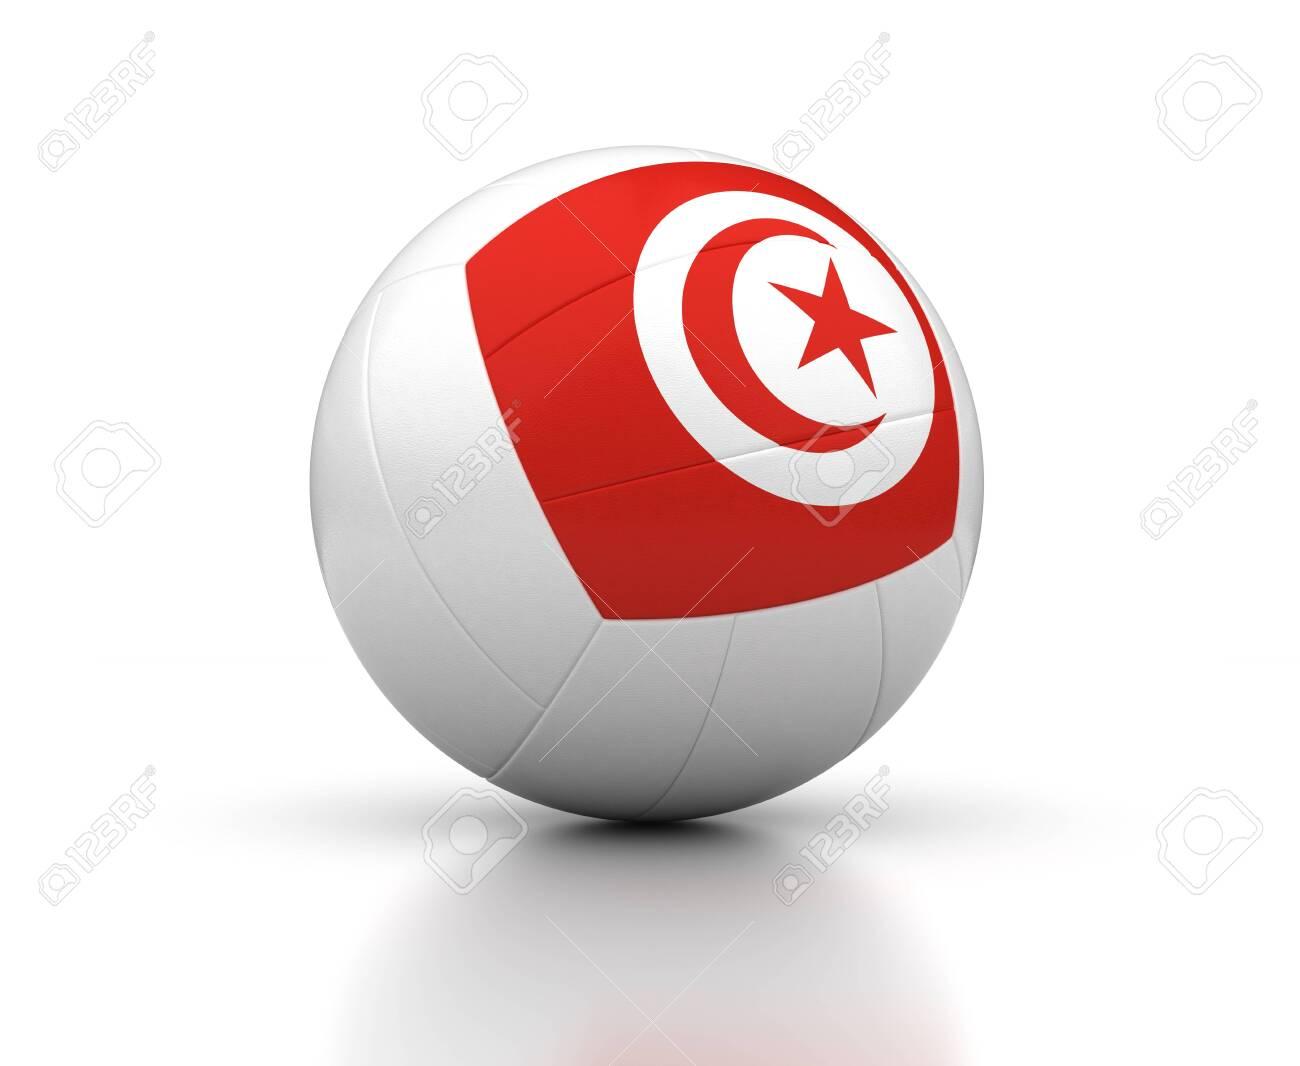 Tunusia Volleyball Team - 142619519